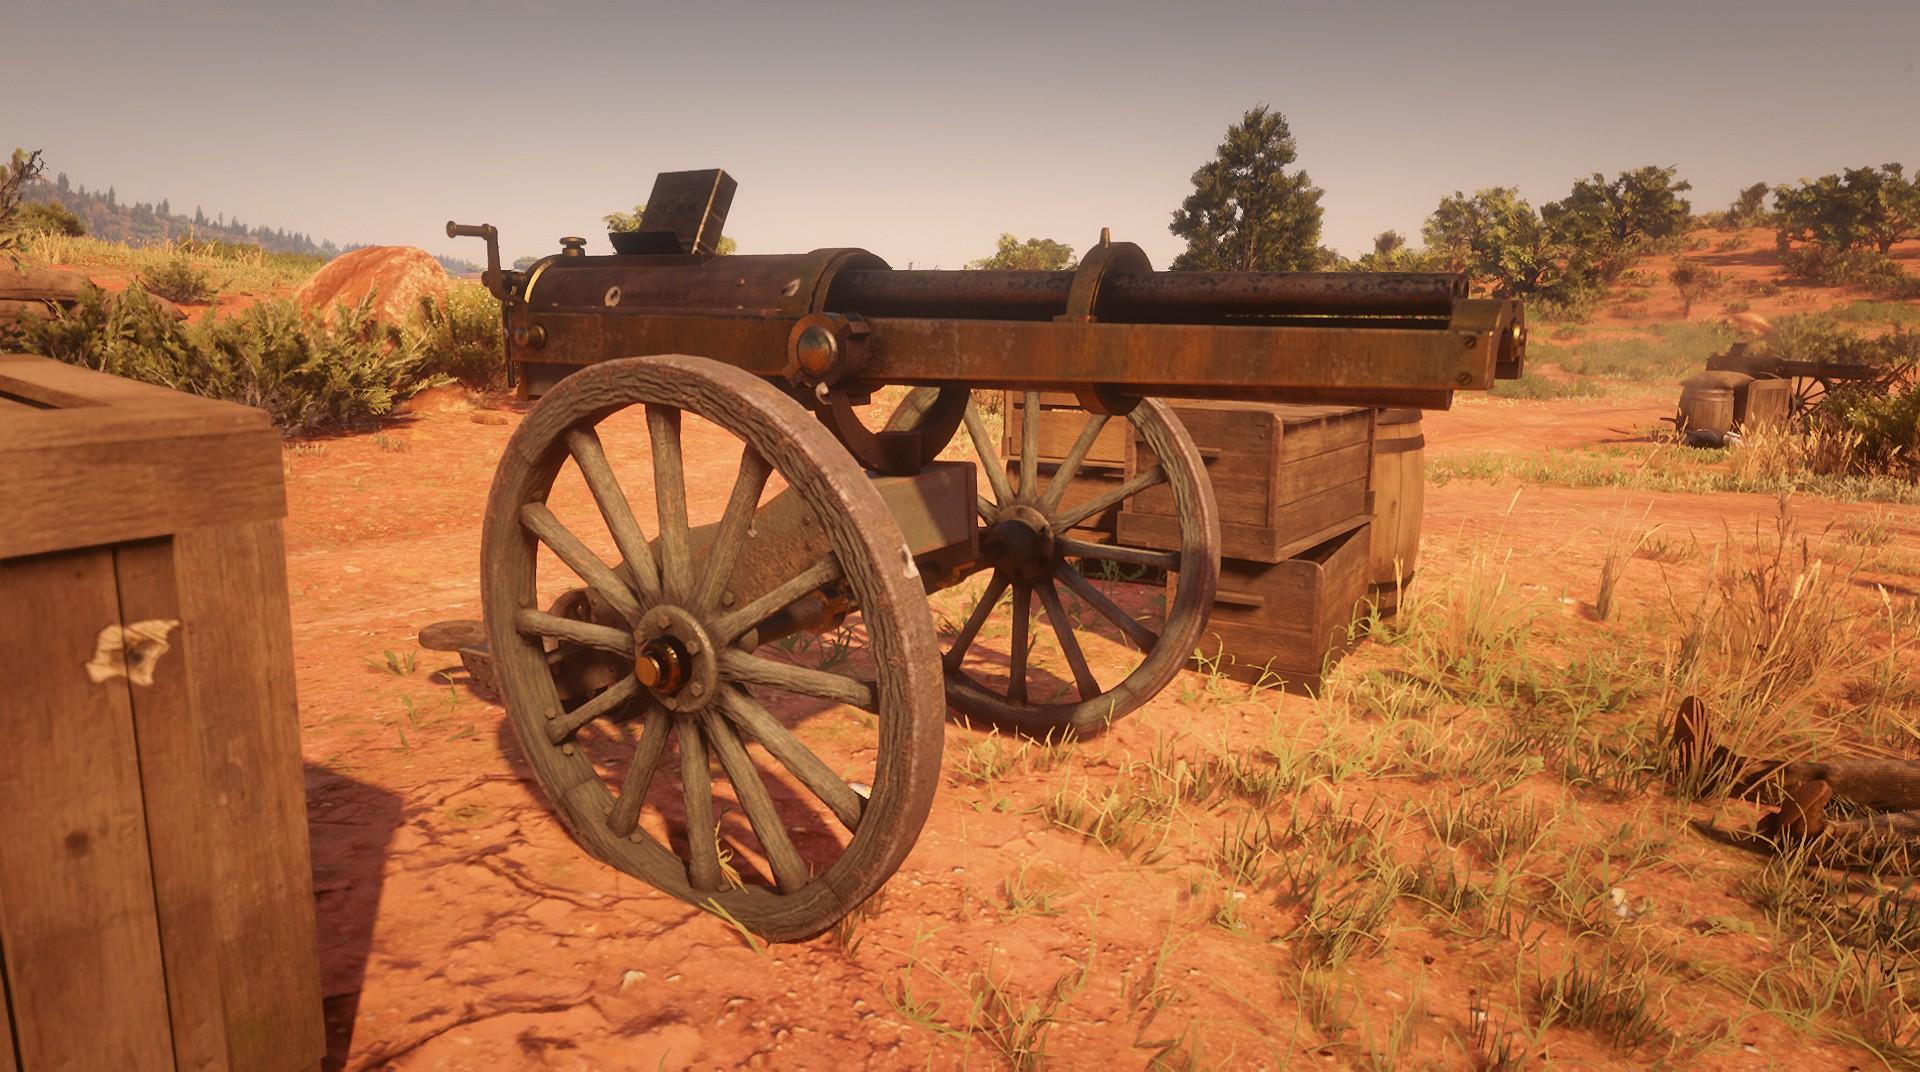 Autocannon - RED DEAD REDEMPTION 2 情報&攻略@ wiki - アットウィキ